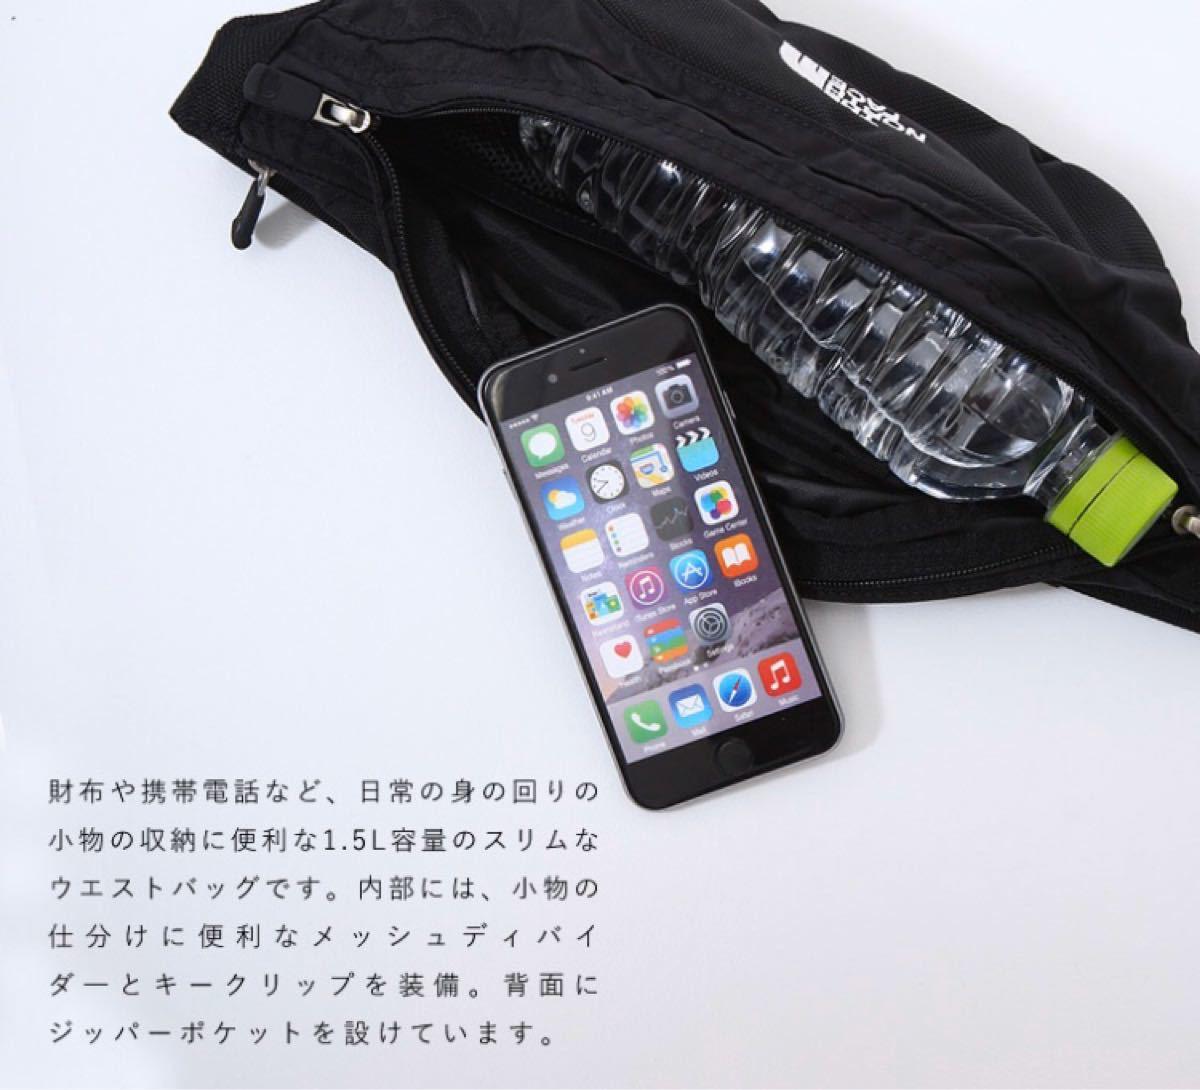 【新品】THE NORTH FACE グラニュール トレッキング ウエストポーチ iphone 長財布